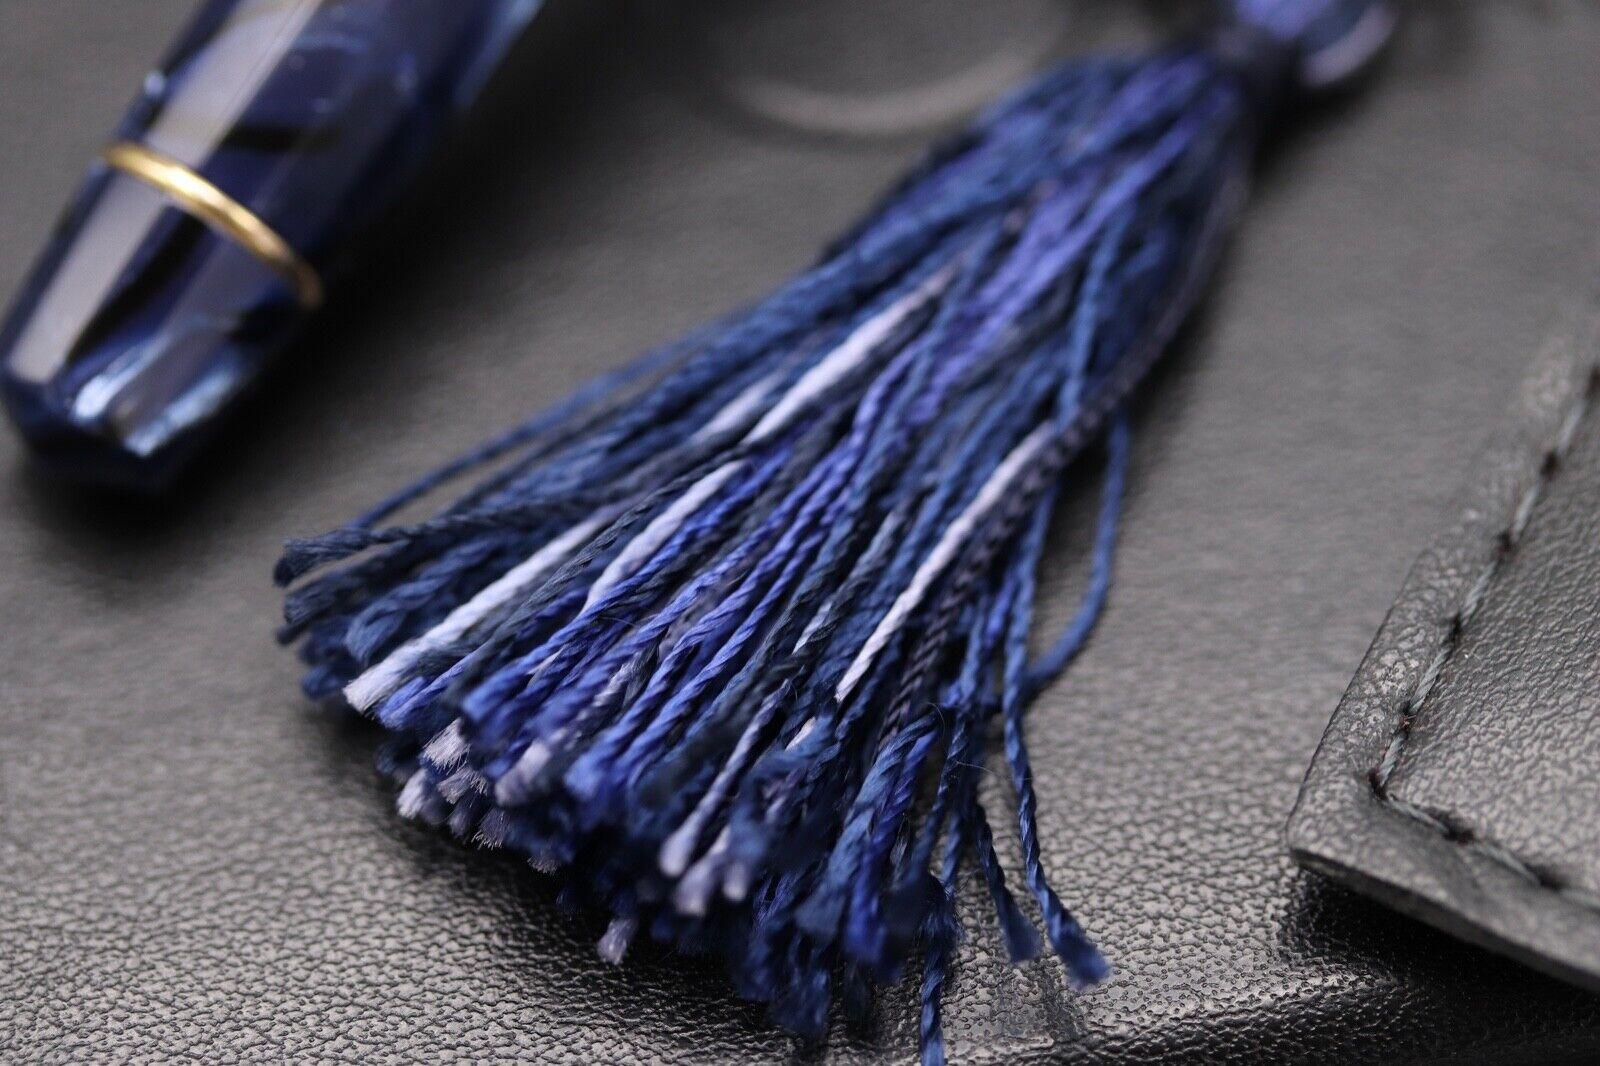 Omas Princess Blue Royale Celluloid Fountain Pen 2